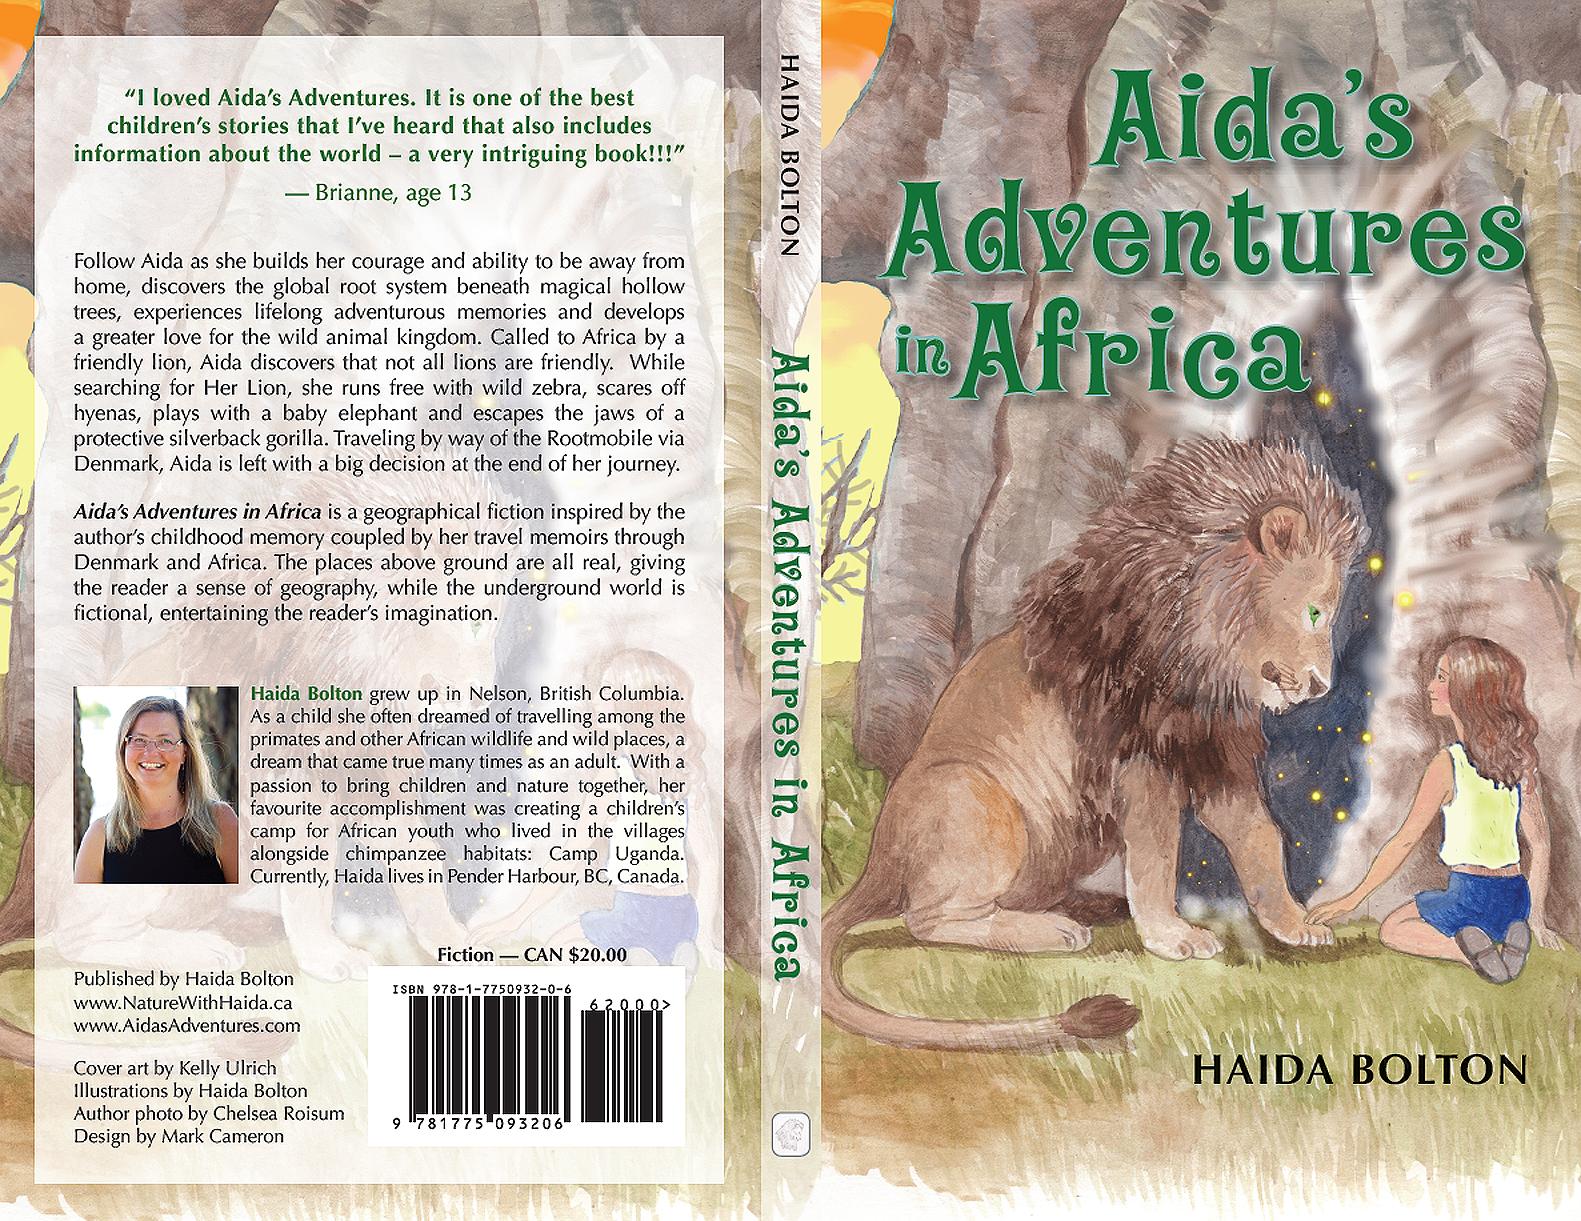 Aidas-Adventures-In-Africa